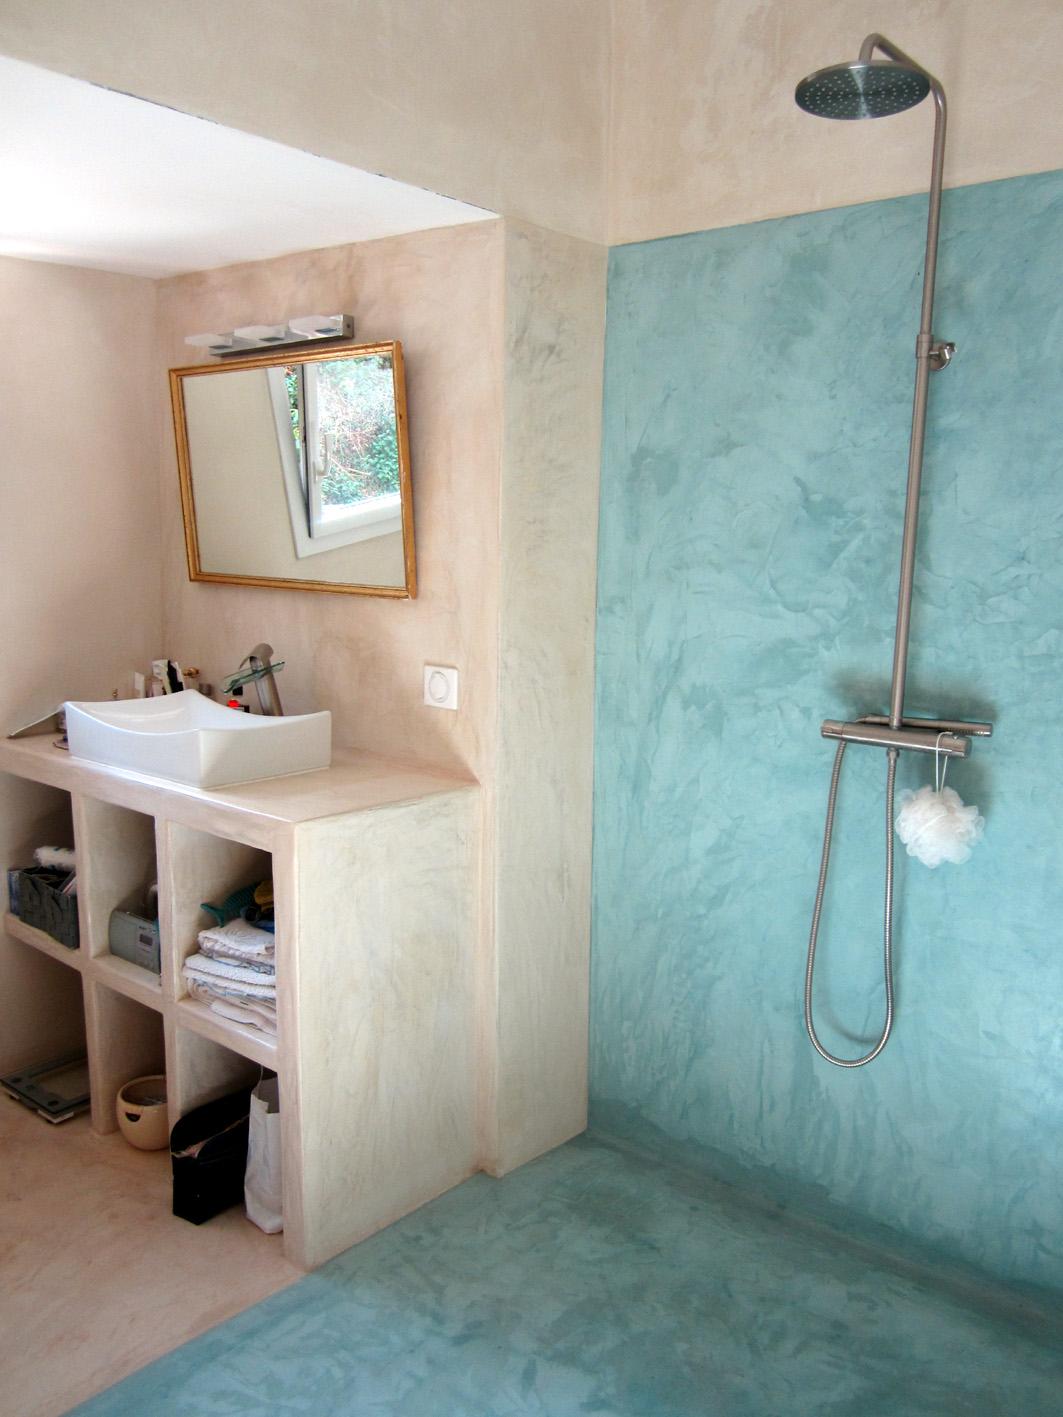 - Salle d'eau à Vaison-la-romaine